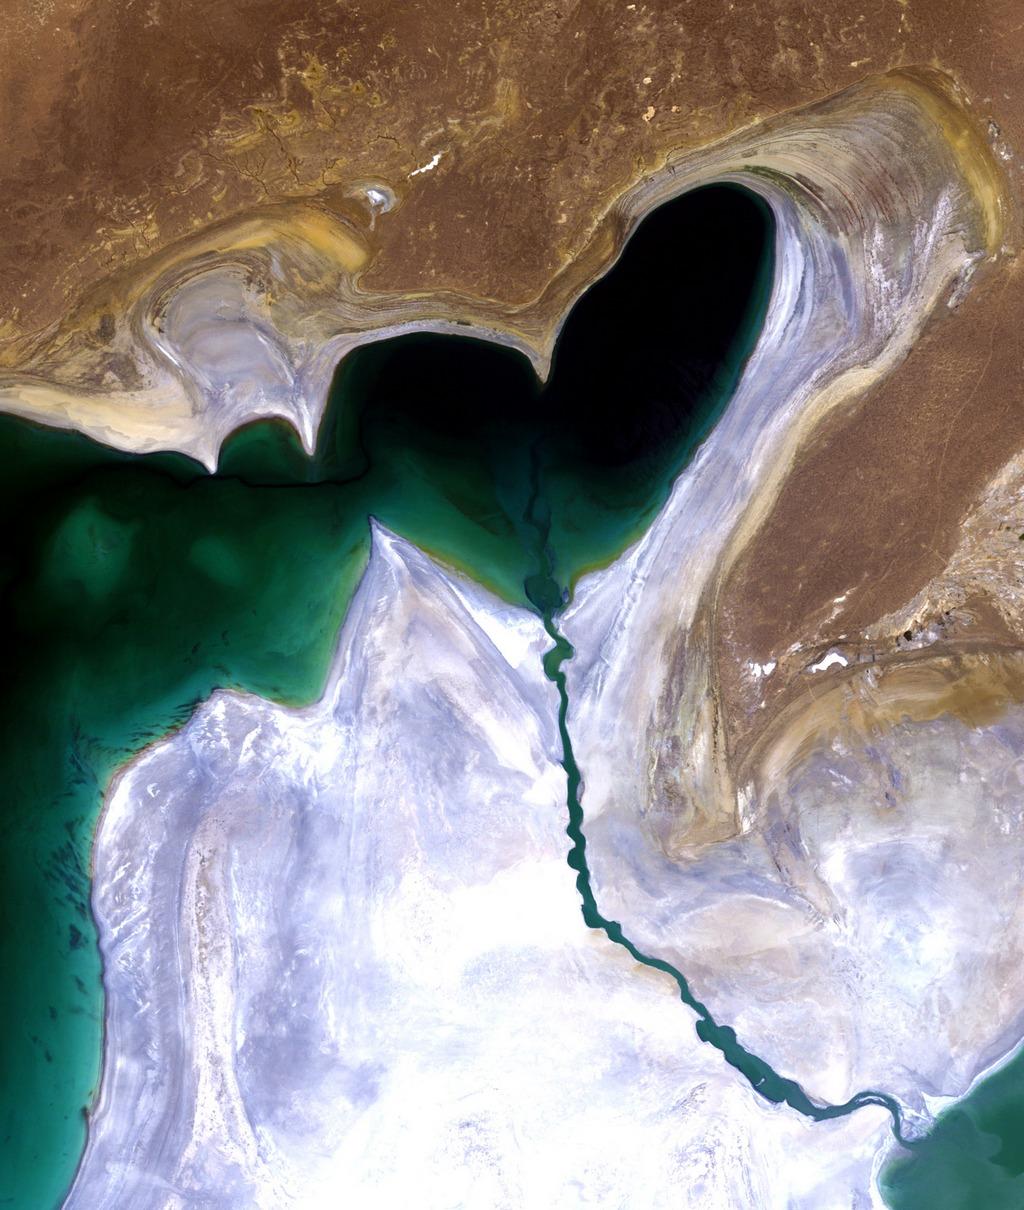 Aral Sea, Kazakhstan - en.wikipedia.org